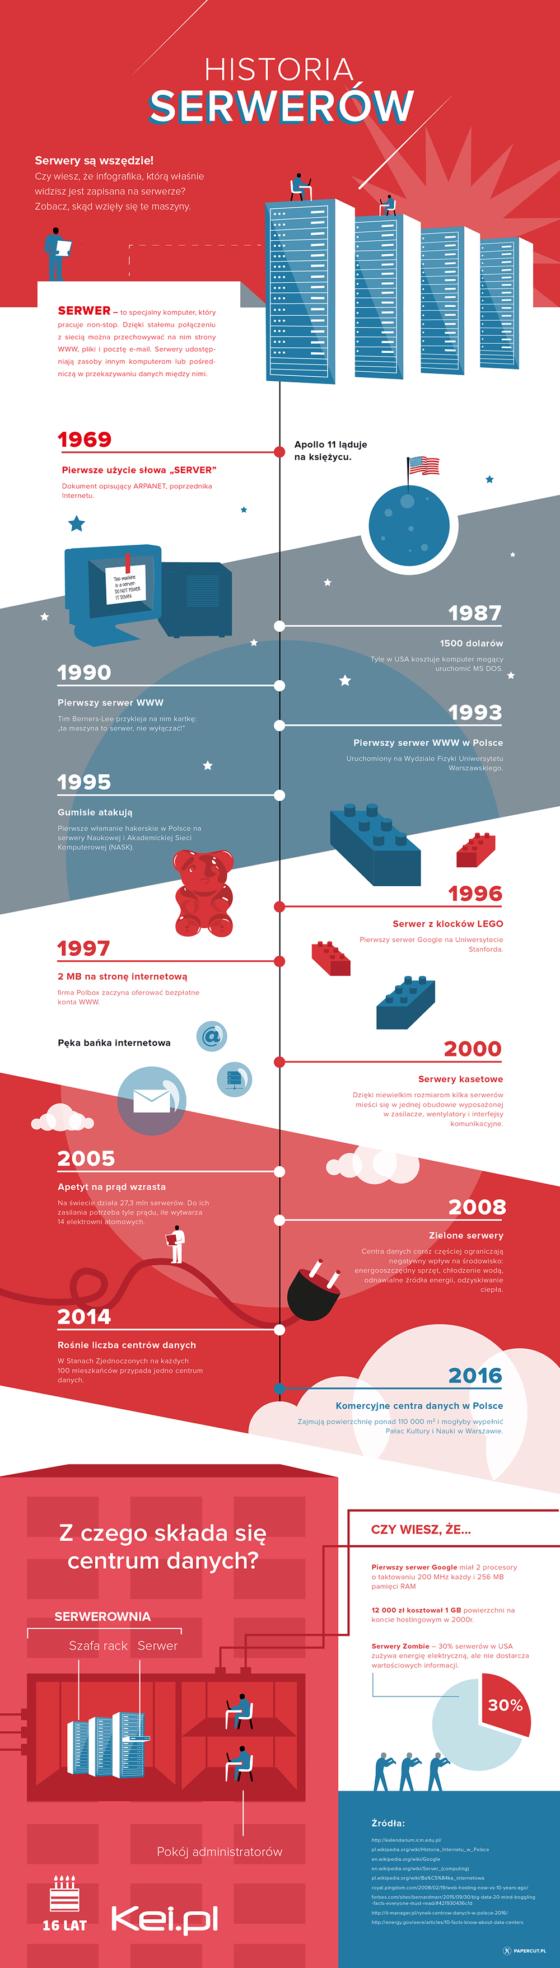 Historia serwerów na infografice: od Arpanet do chmury